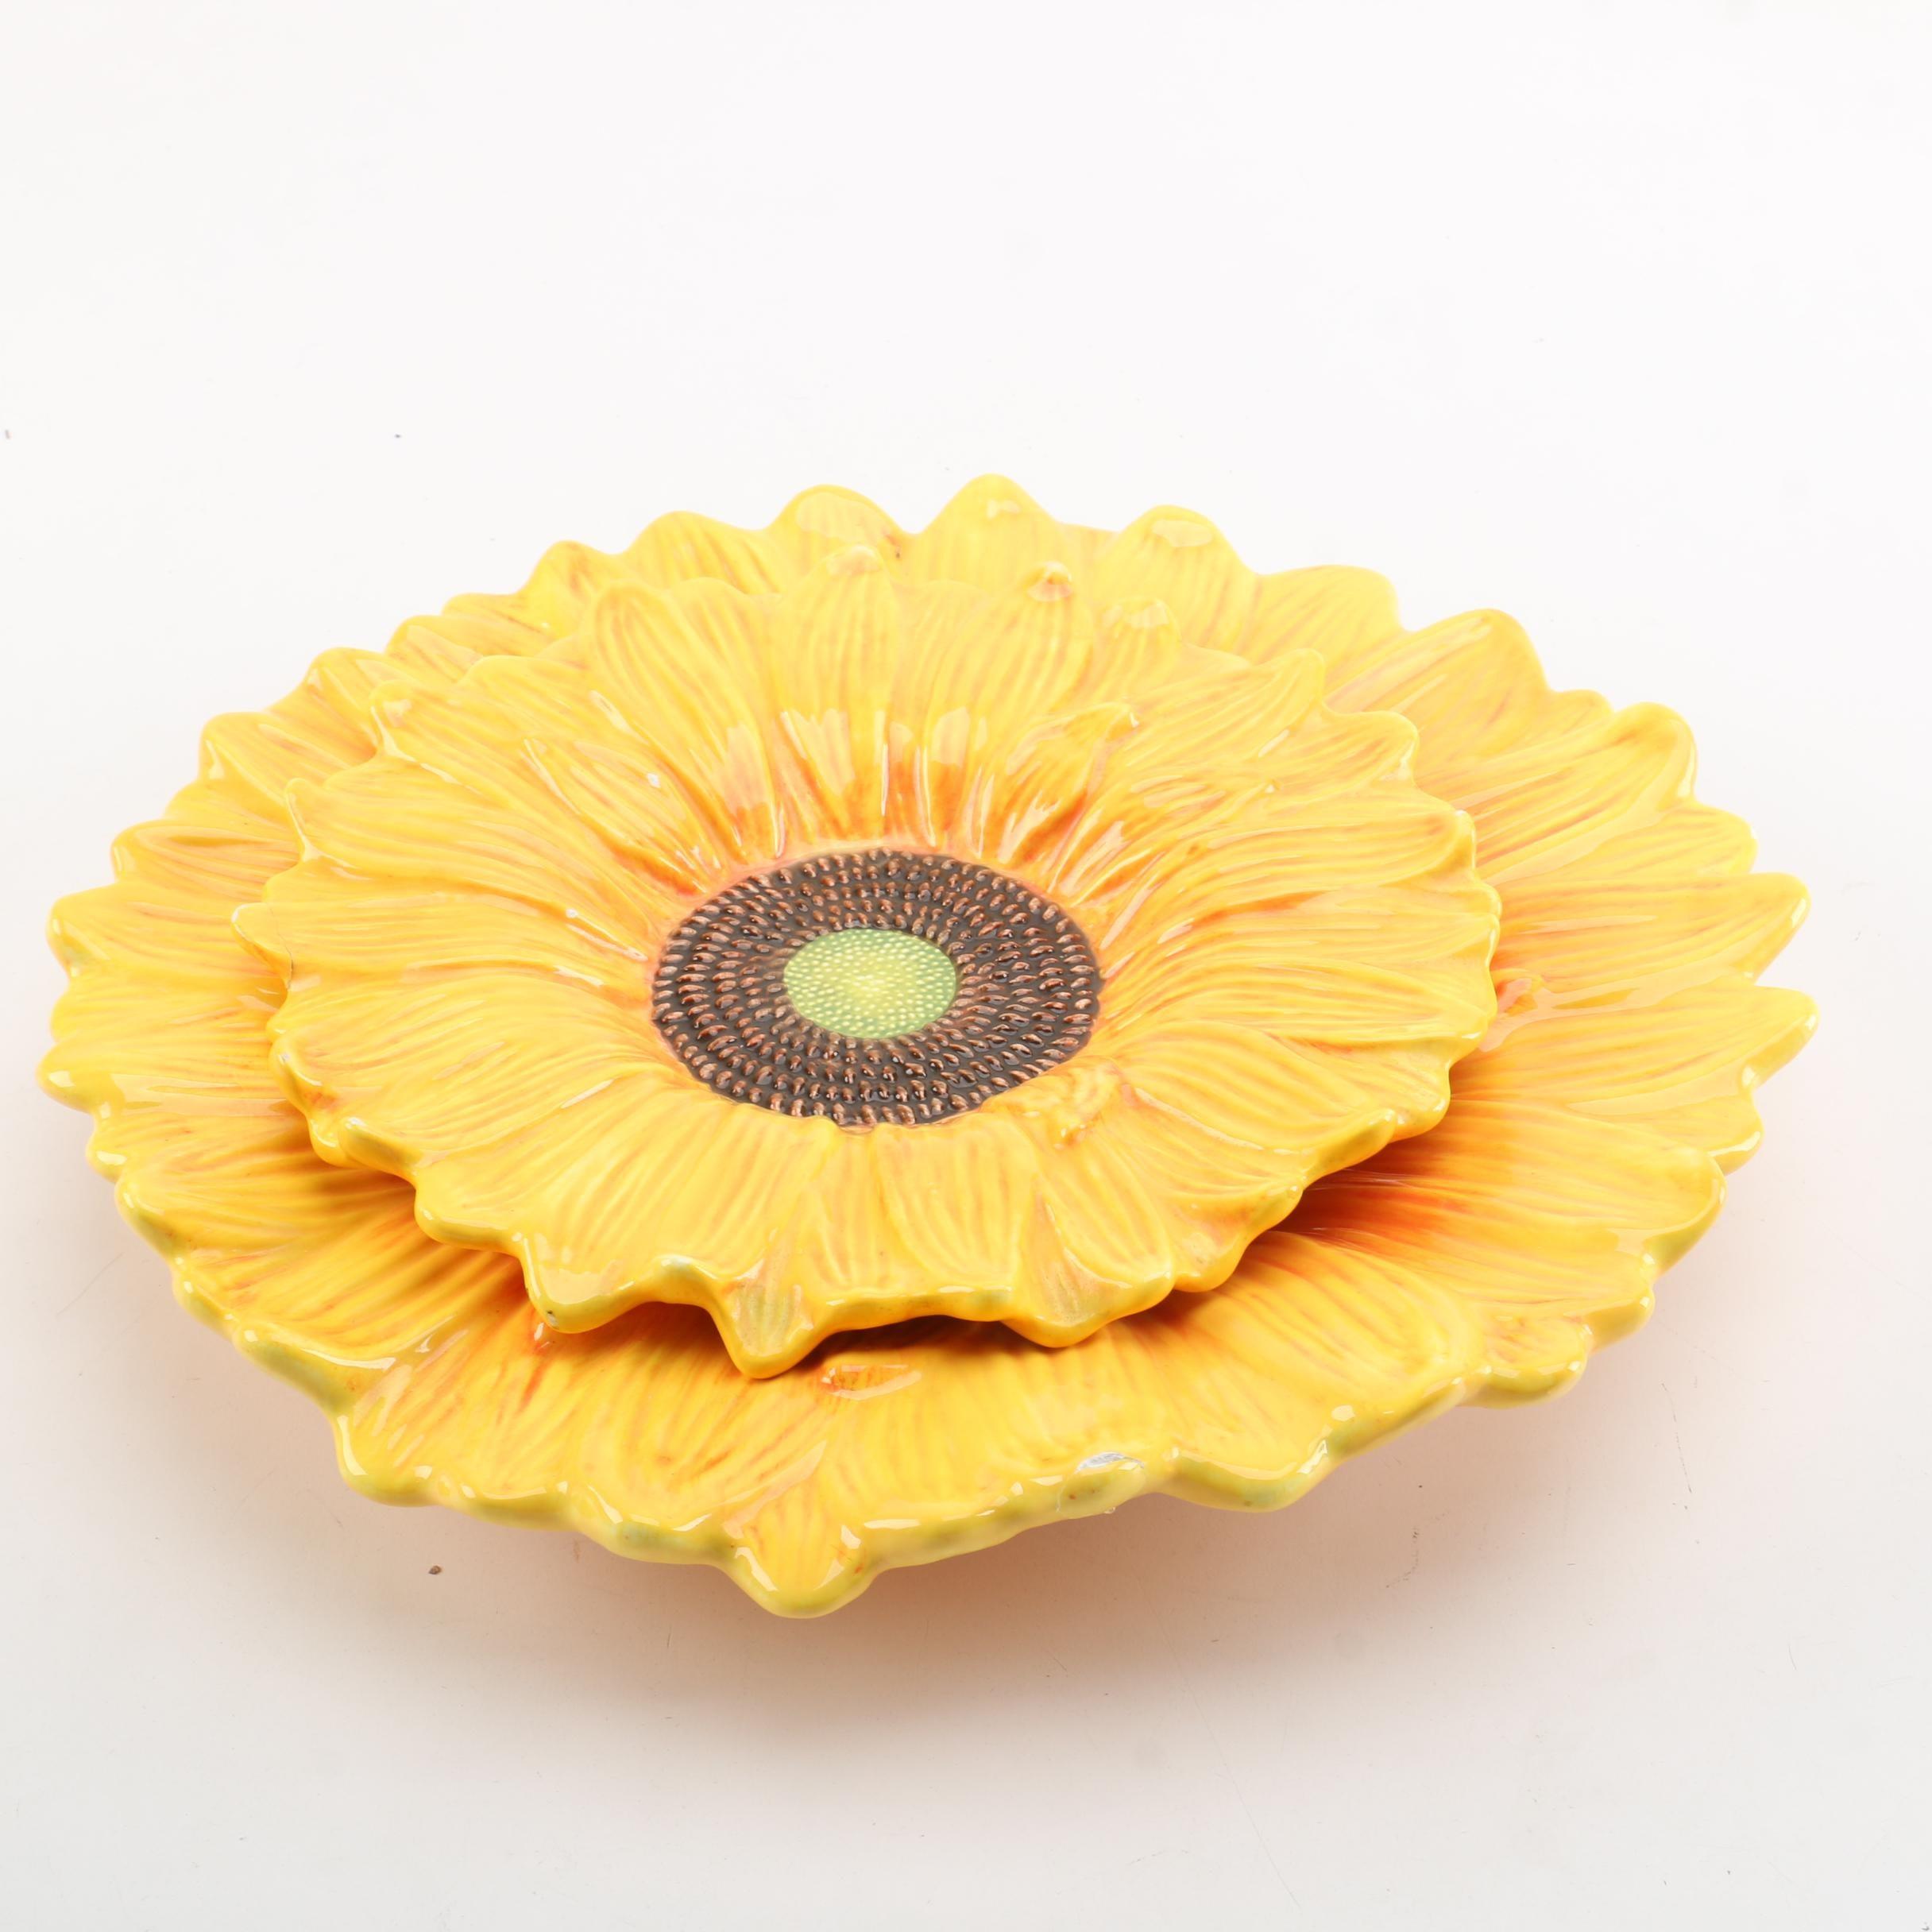 Figi Sunflower Serving Platters